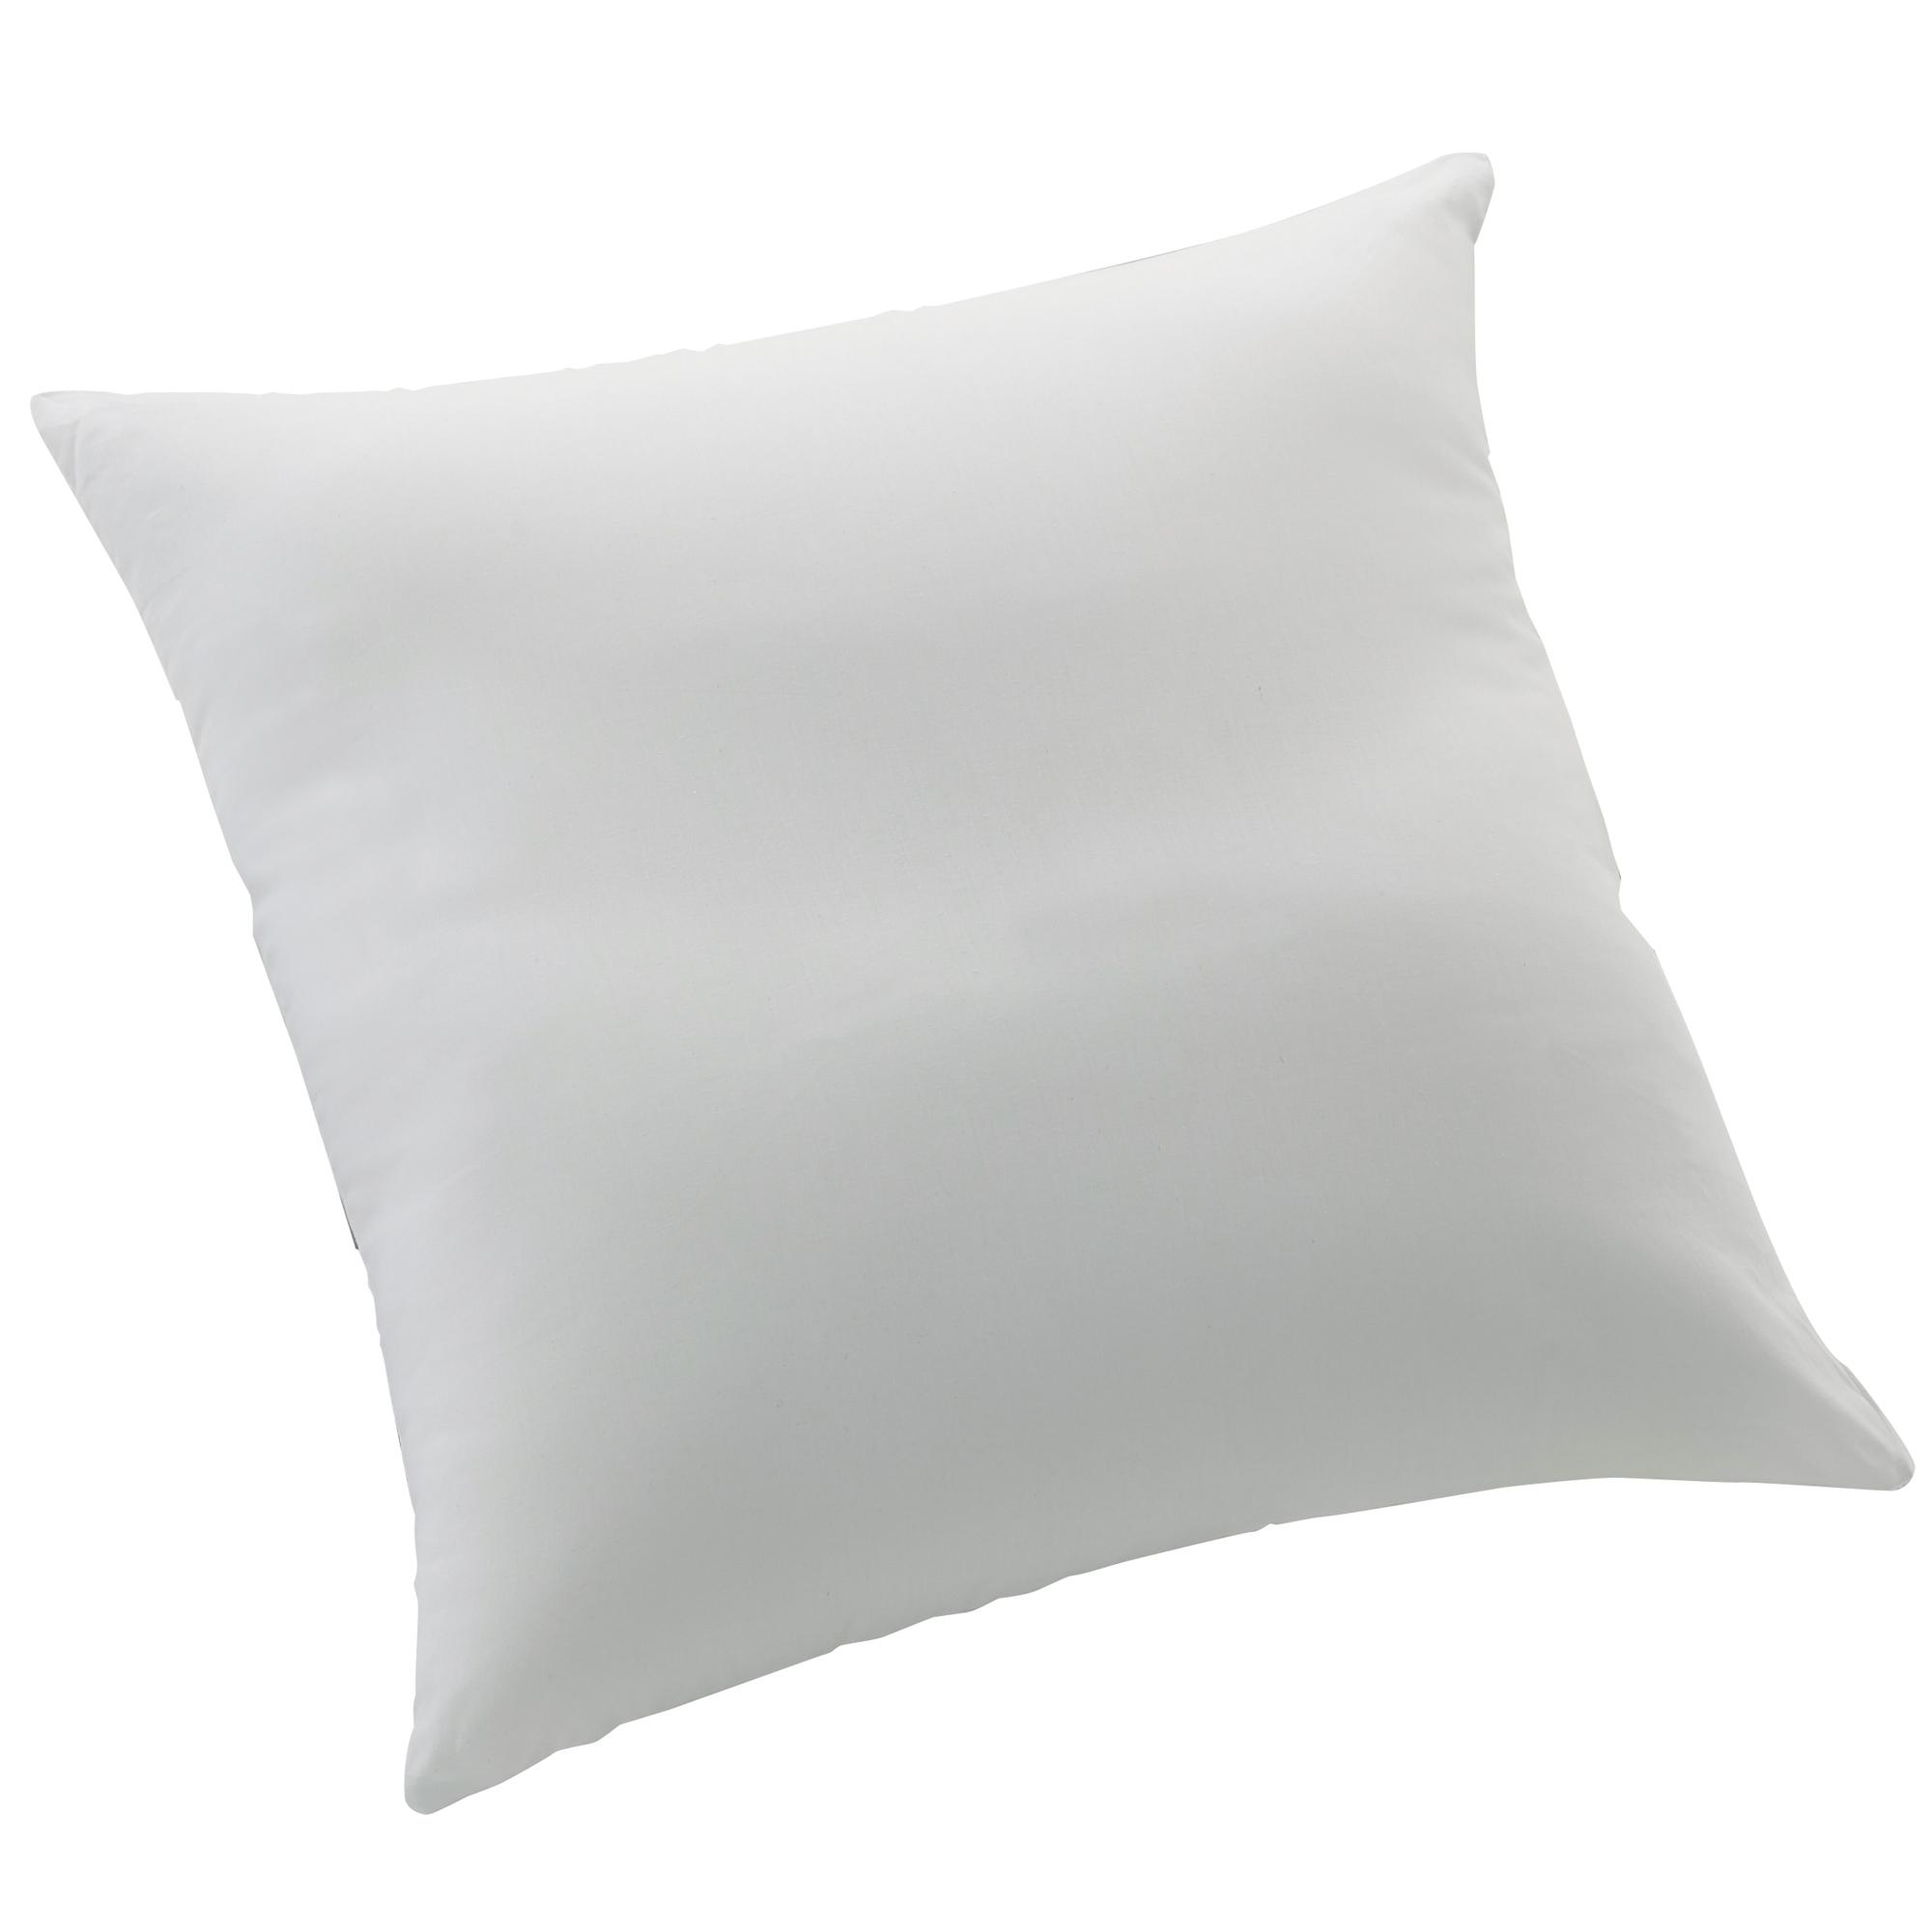 oreiller 100 polyester fibre creuse siliconn e 60 x 60 cm acheter ce produit au meilleur prix. Black Bedroom Furniture Sets. Home Design Ideas